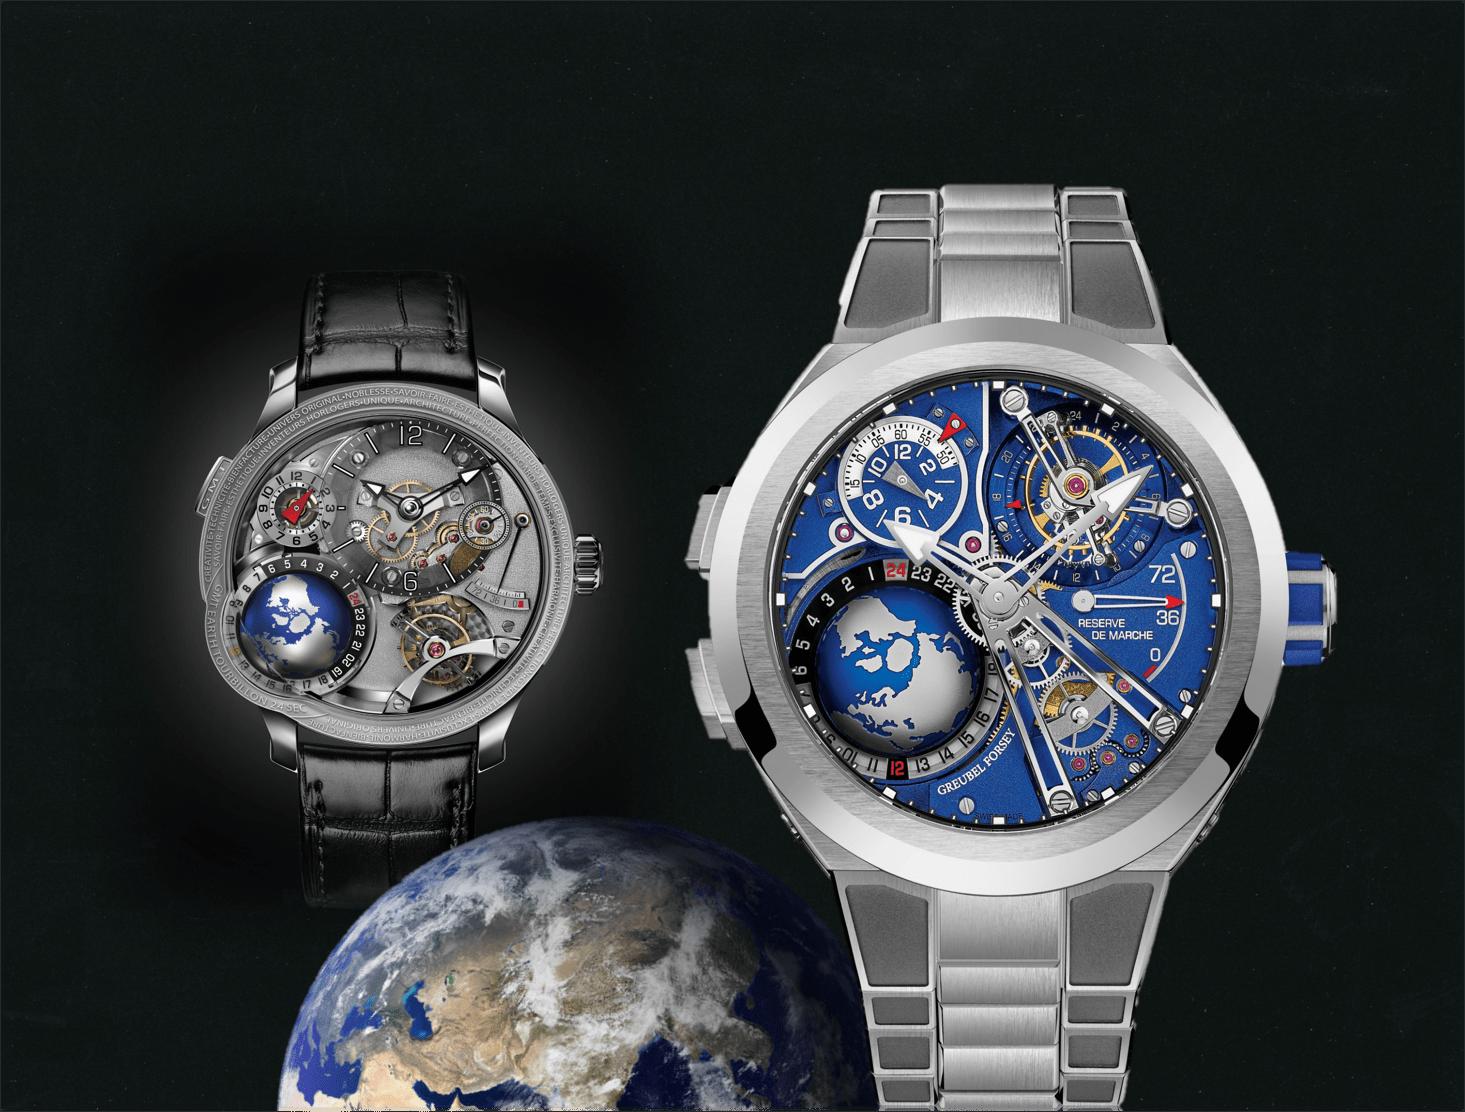 Luxuriöse GMT UhrGreubel Forsey GMT Sport: Luxuriös rund um den Globus unterwegs